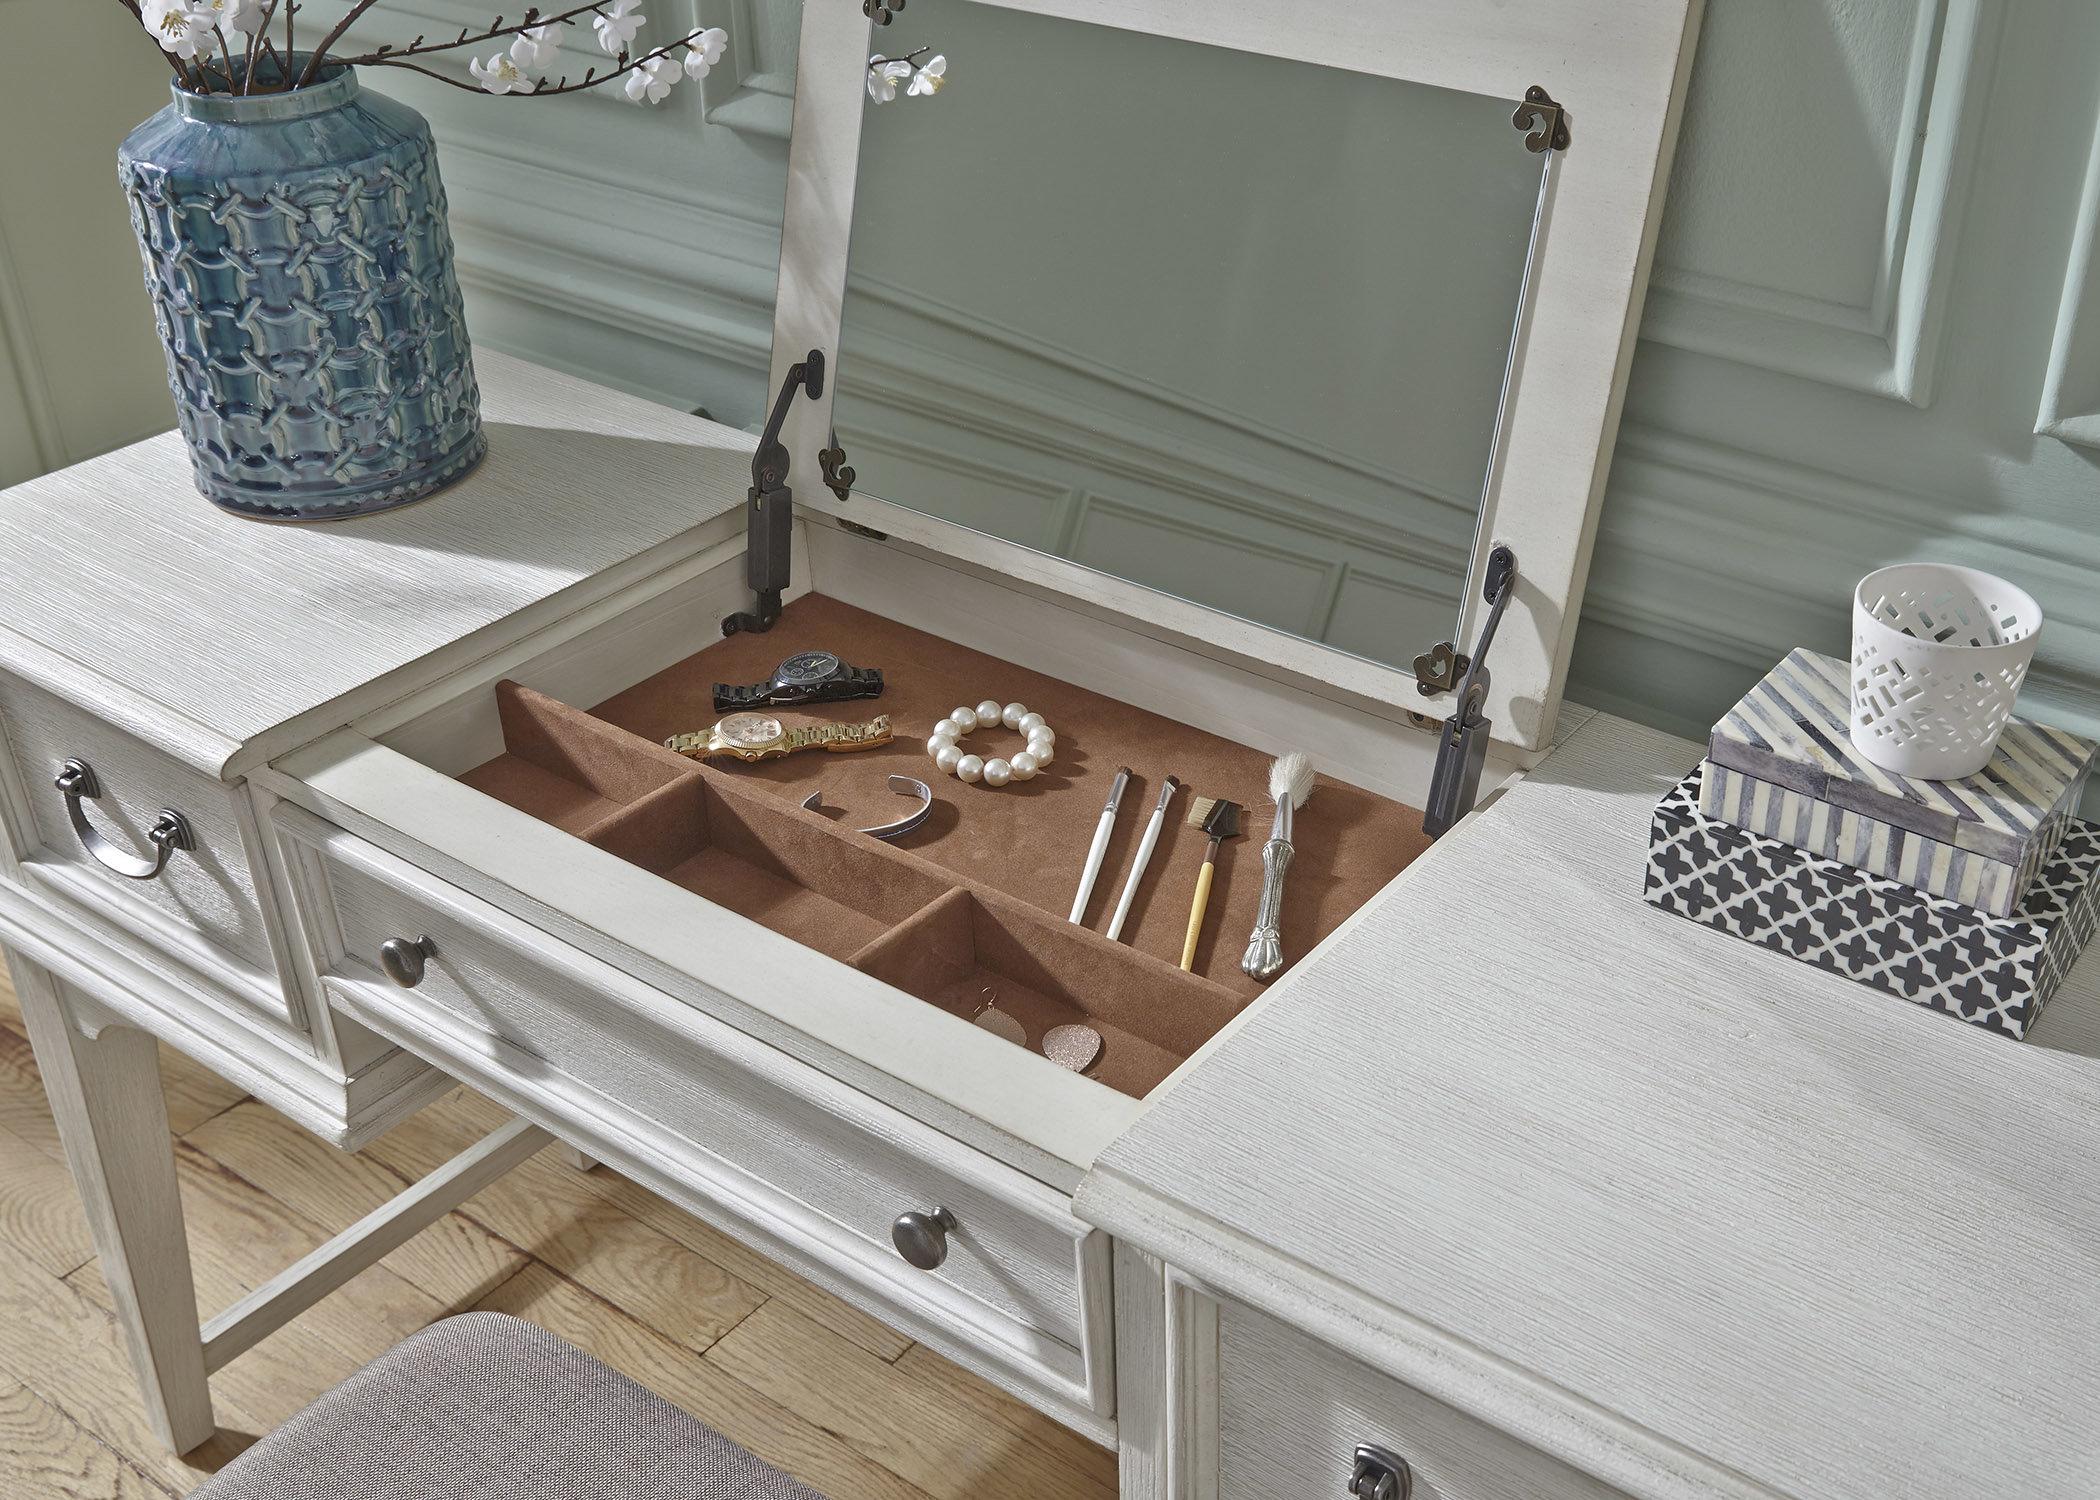 rosecliff heights trenton vanity desk with mirror u0026 reviews | wayfair YKJISMY